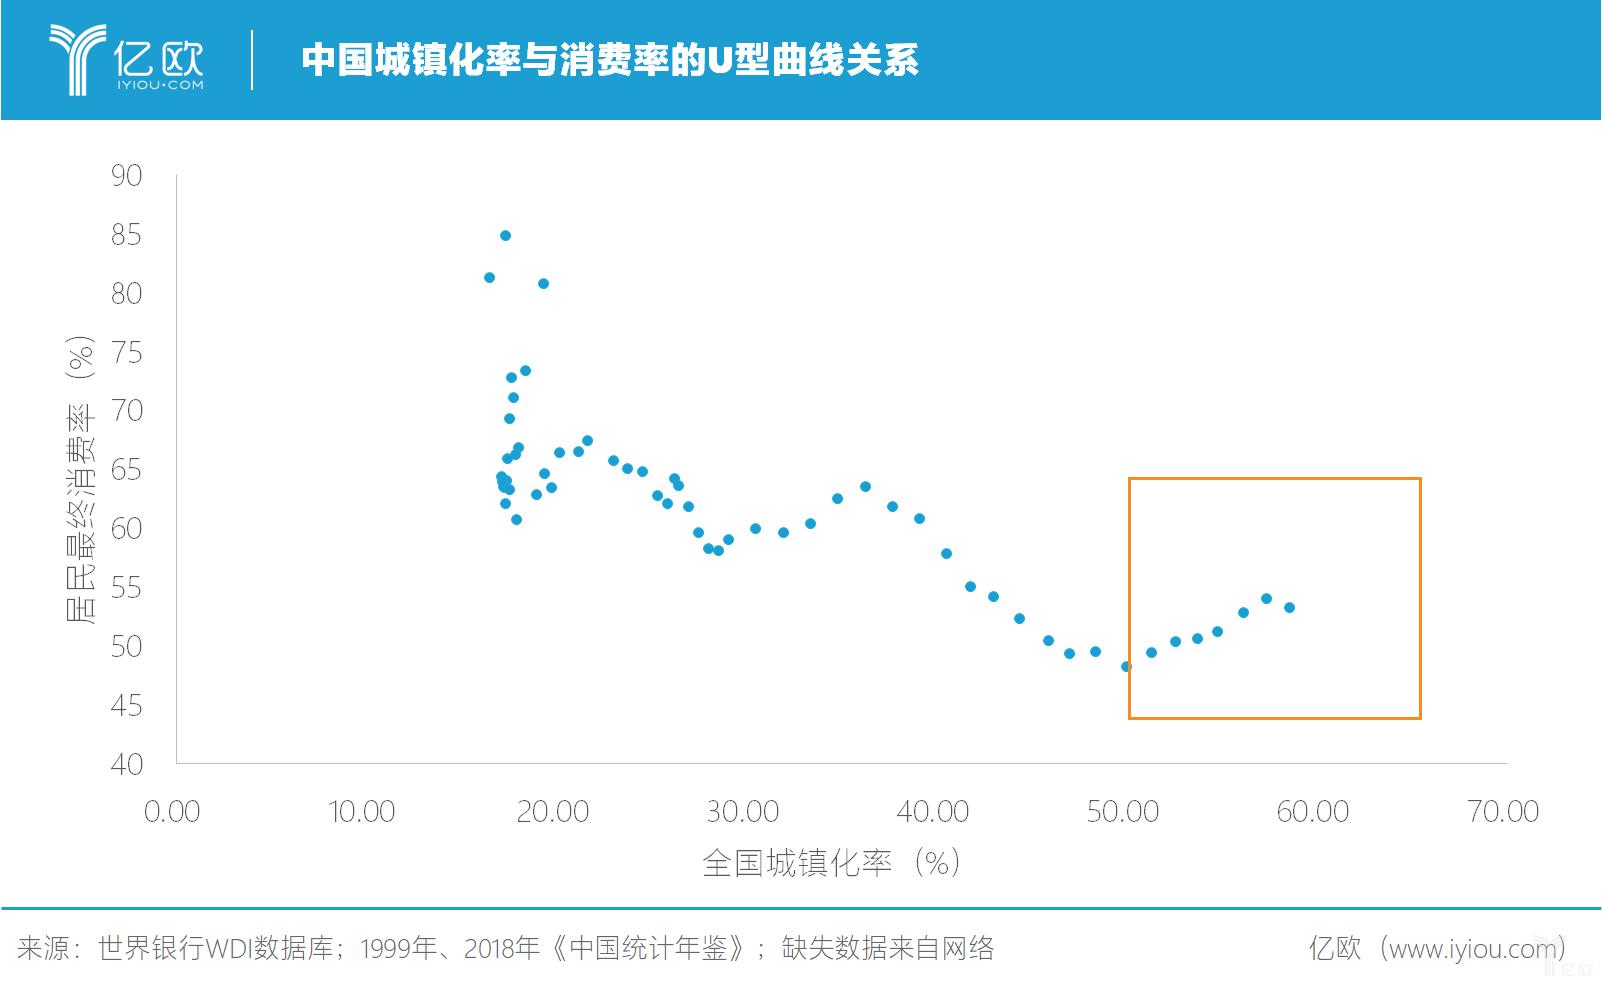 亿欧智库:中国城镇化率与消费率的U型曲线关系